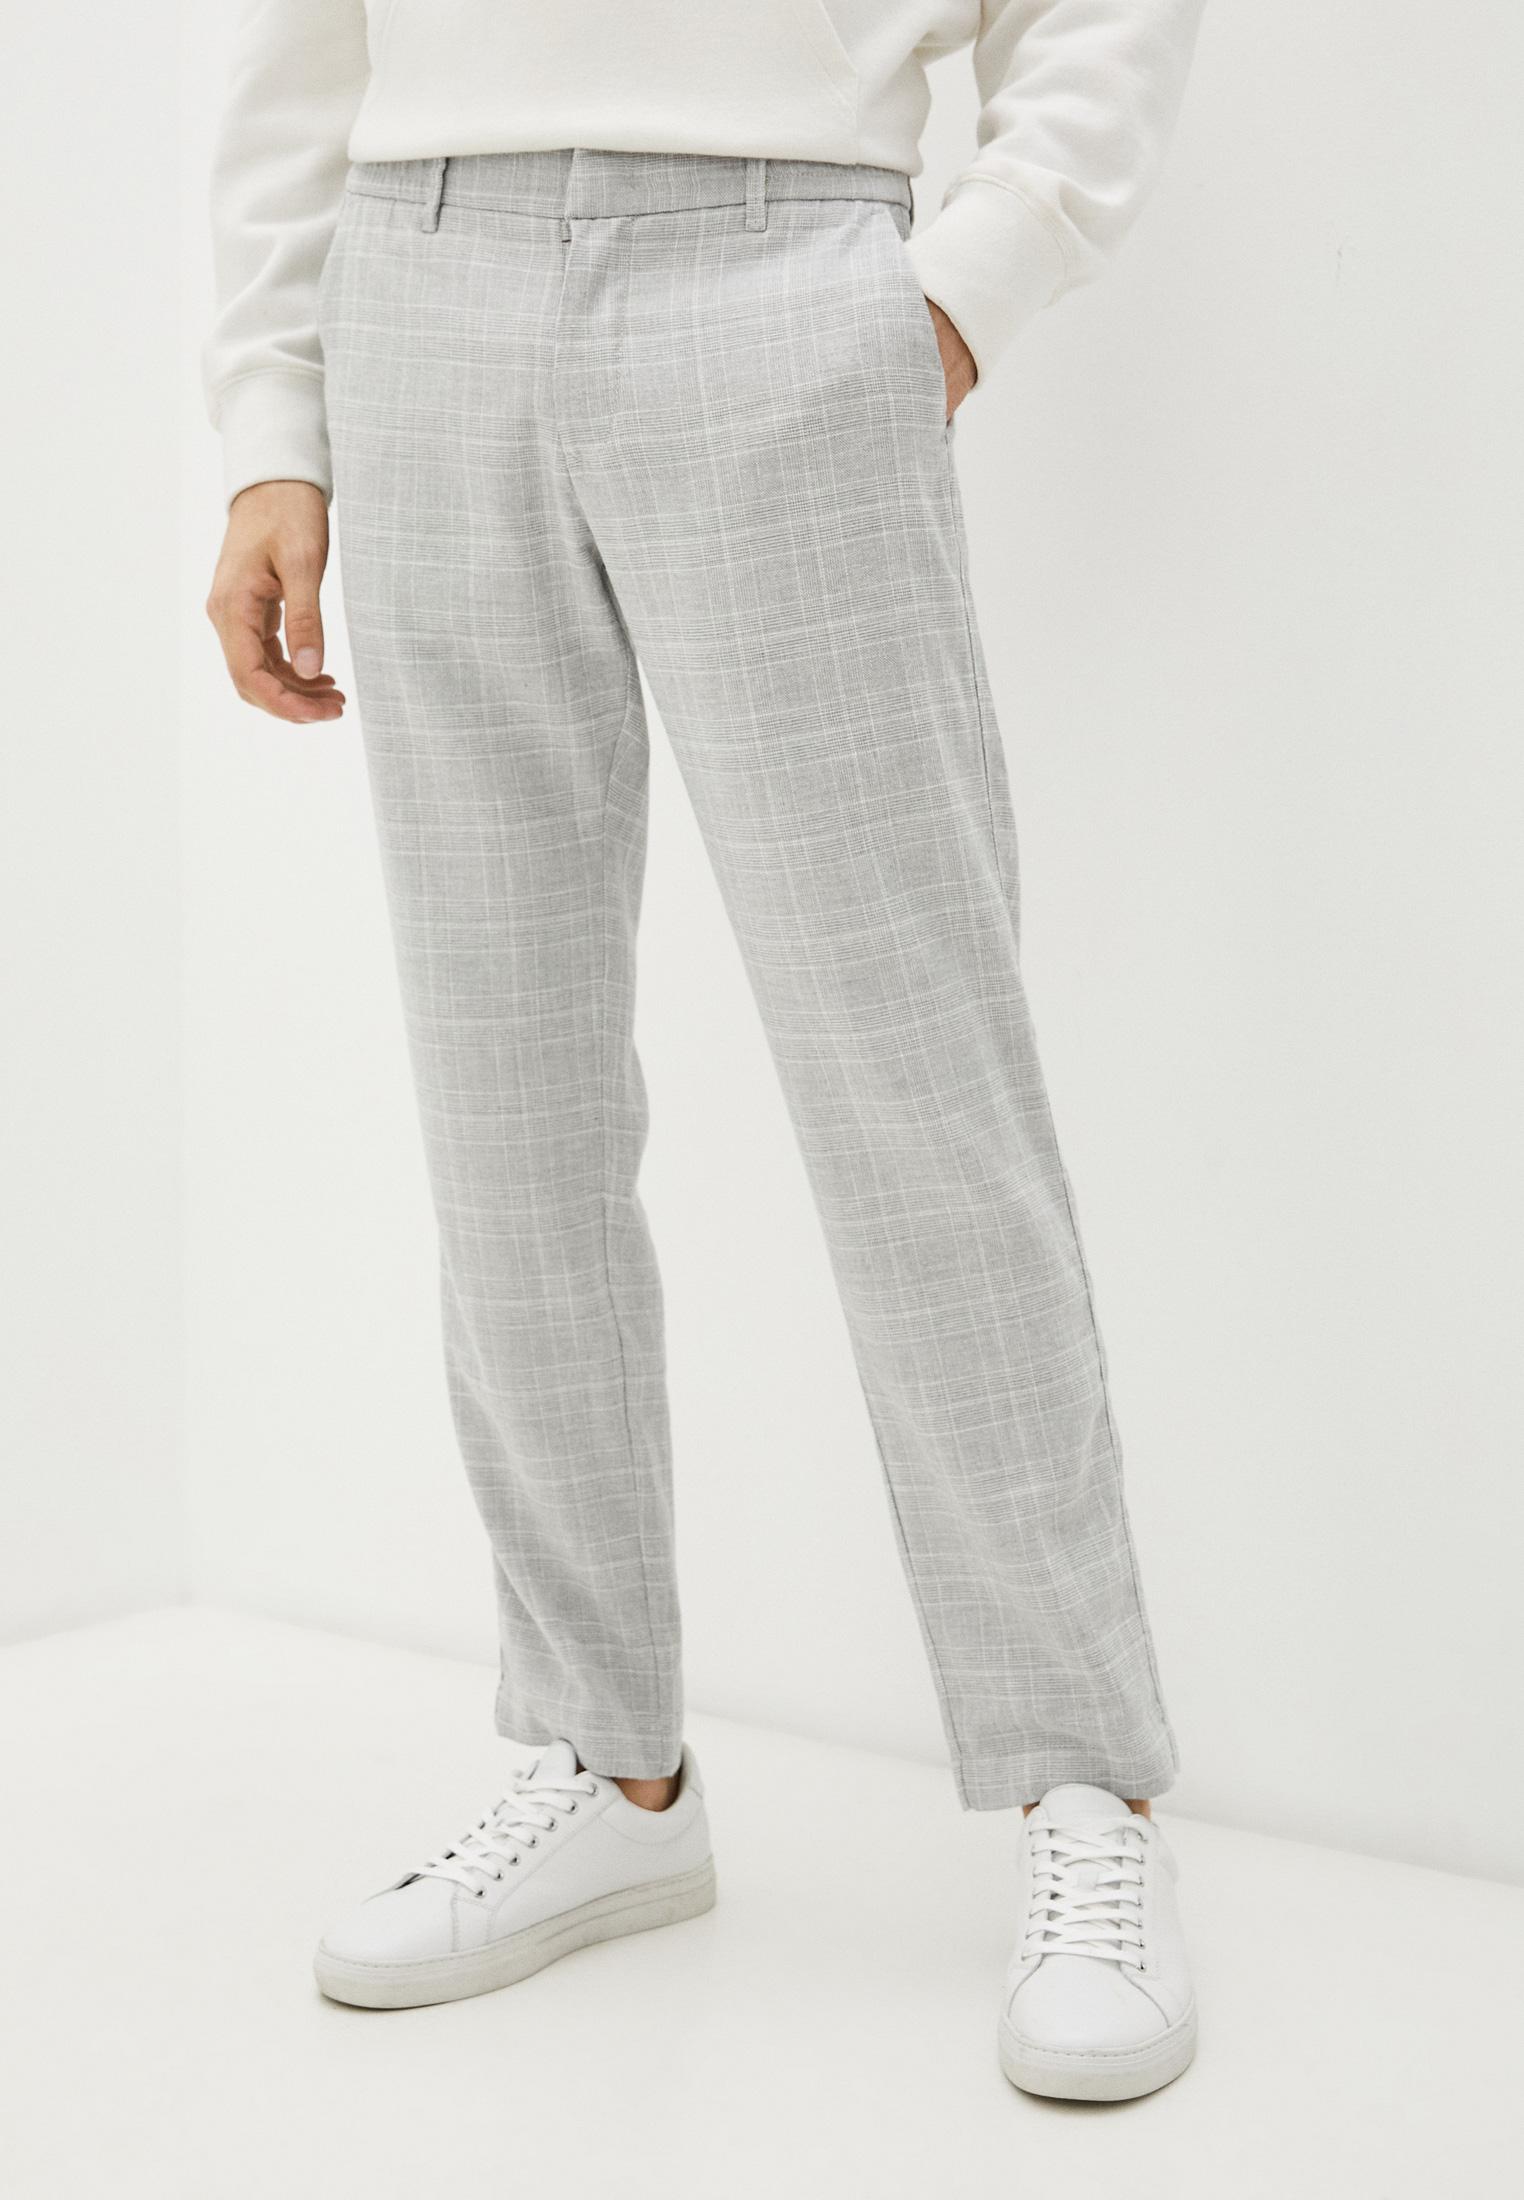 Мужские повседневные брюки Pierre Cardin (Пьер Кардин) 03520/000/04911/82